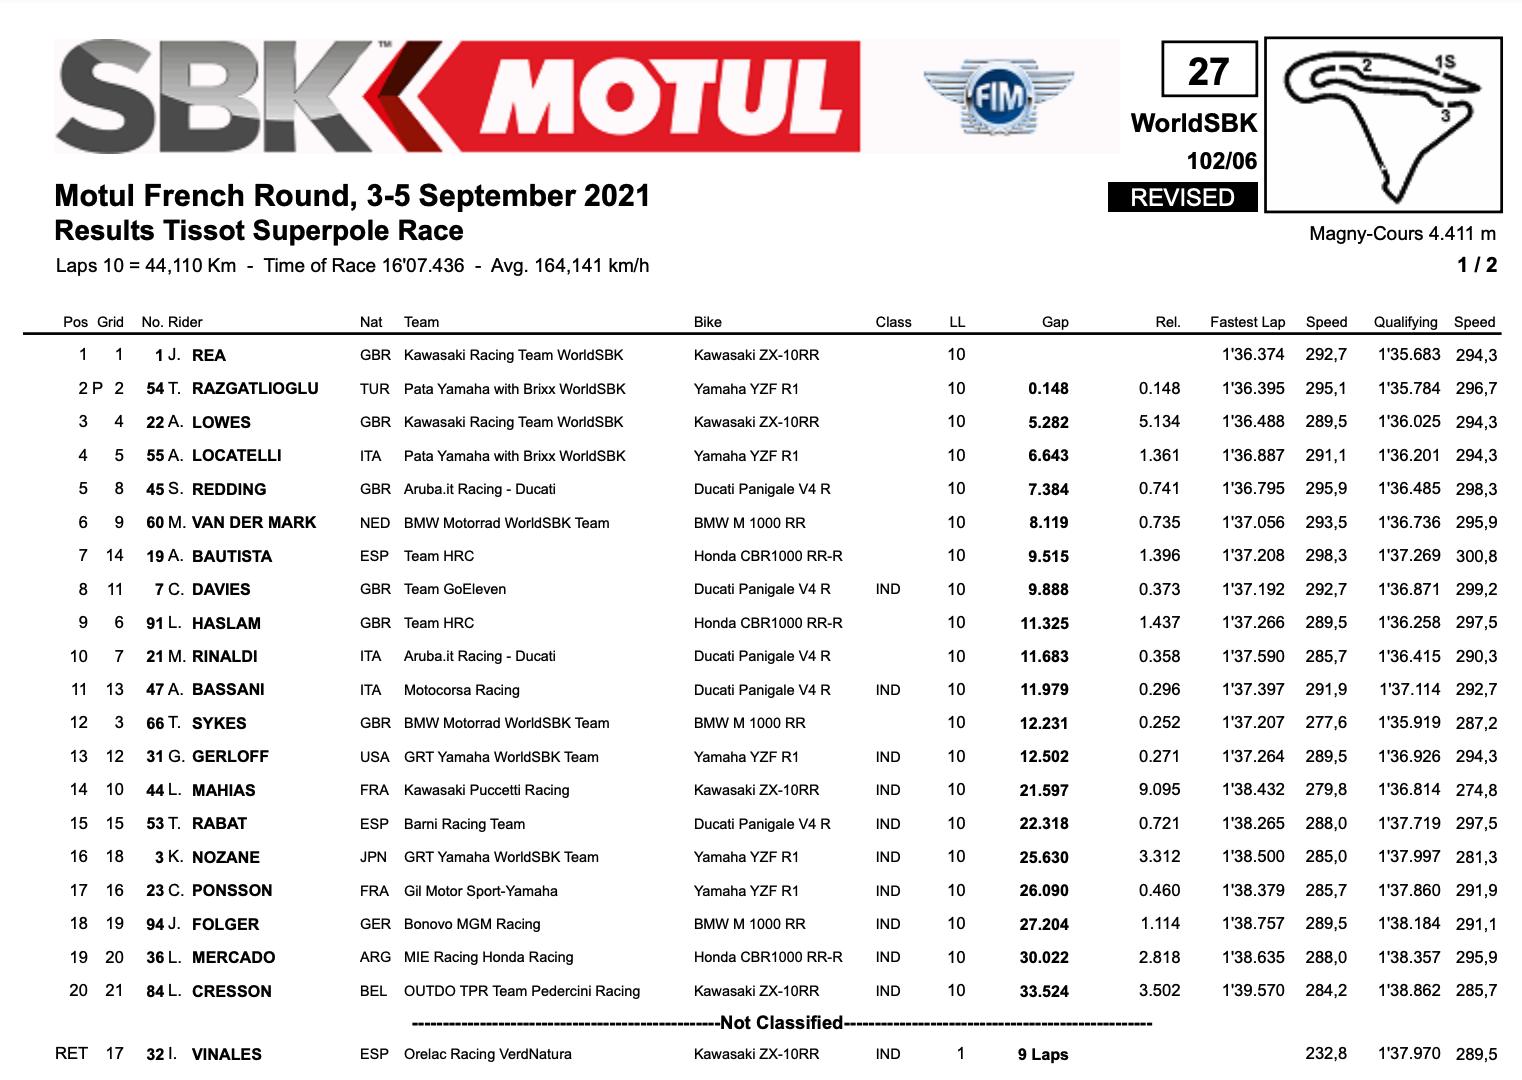 FIM スーパーバイク世界選手権(SBK)マニクール戦 スーパーポールレースでジョナサン・レイが優勝